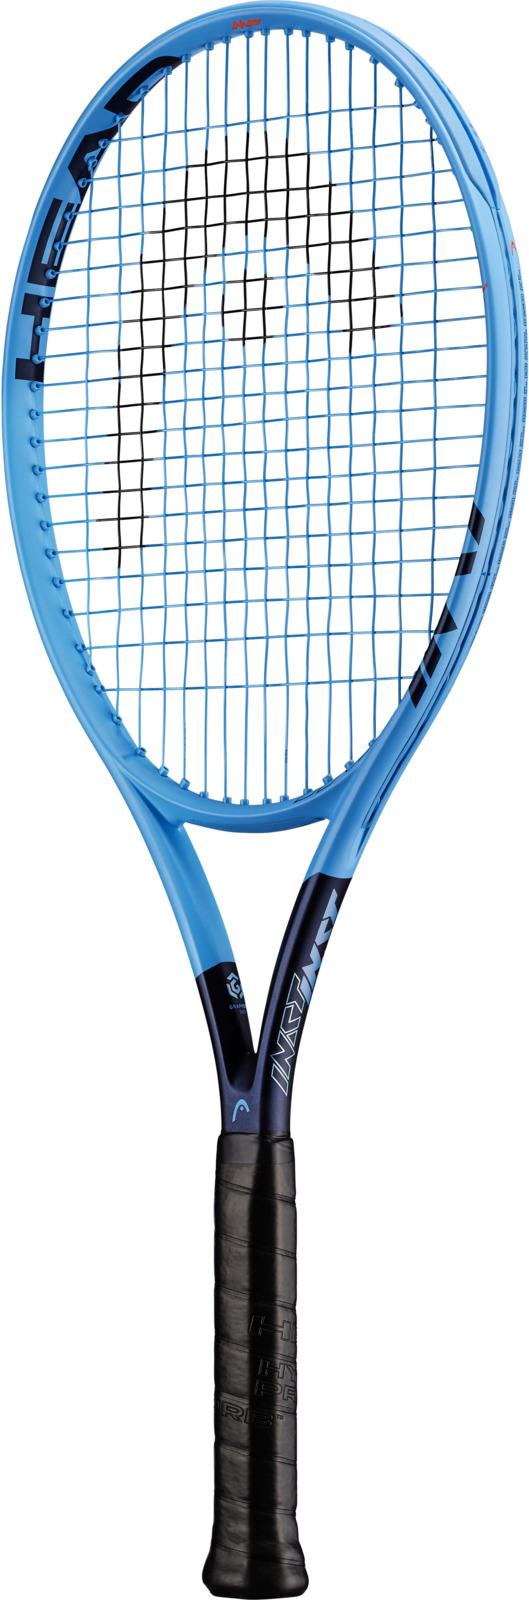 Ракетка теннисная Head Graphene 360 Instinct MP, голубой, черный, ручка 3 head ti instinct supreme